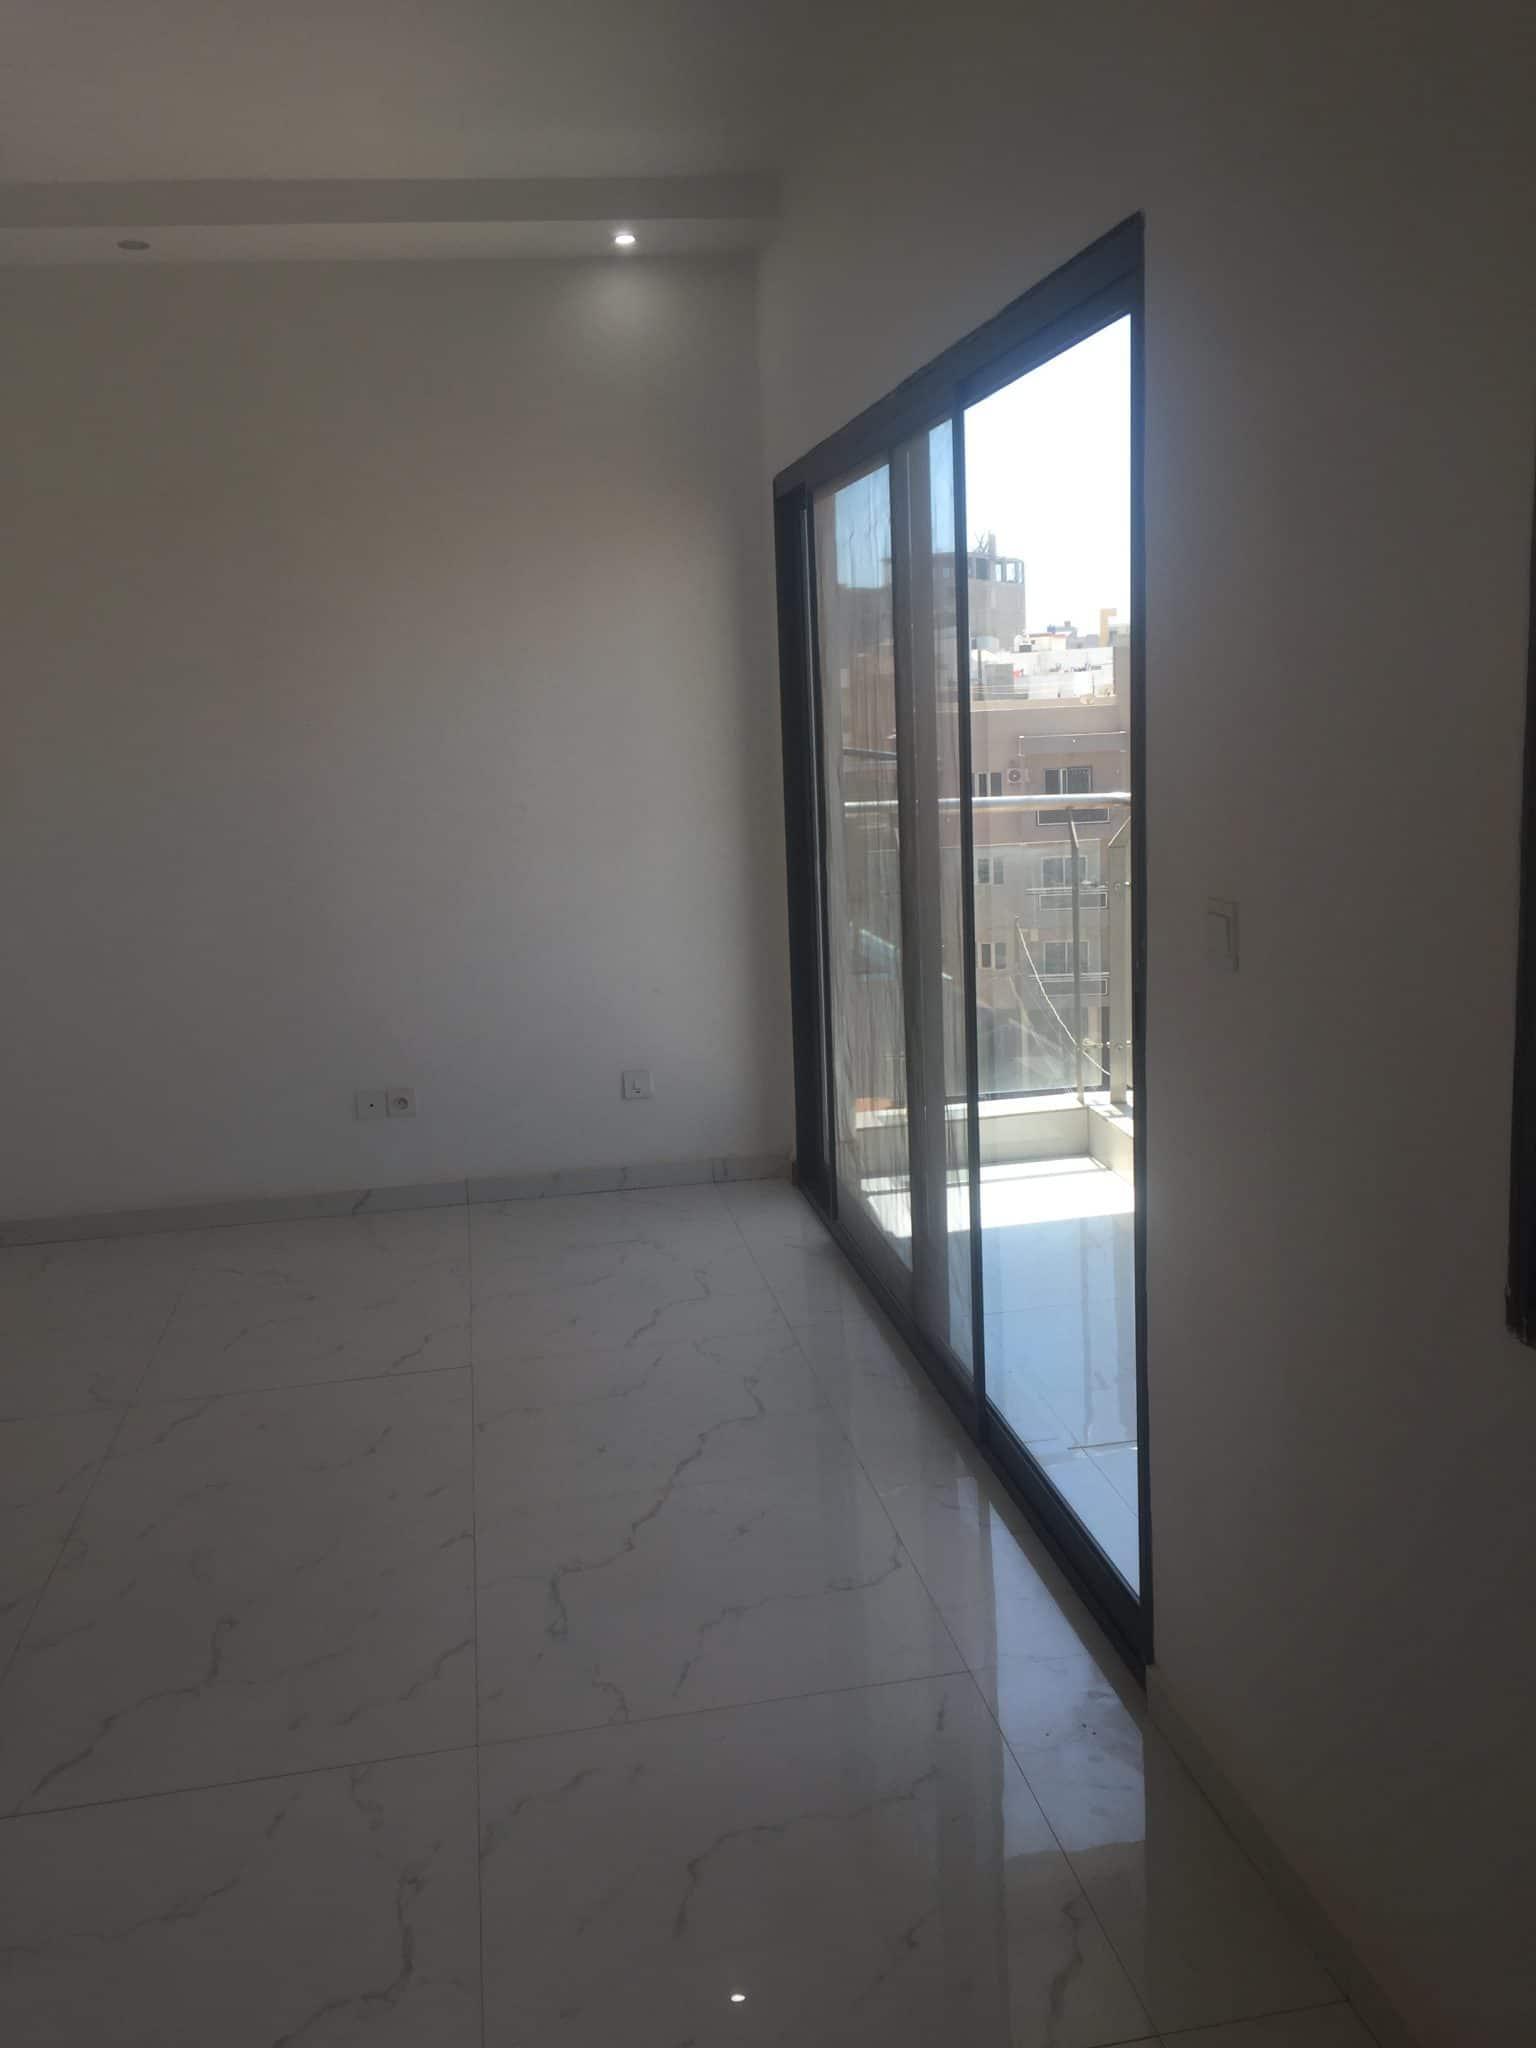 Appartement à louer Dakar cité keur gorgui